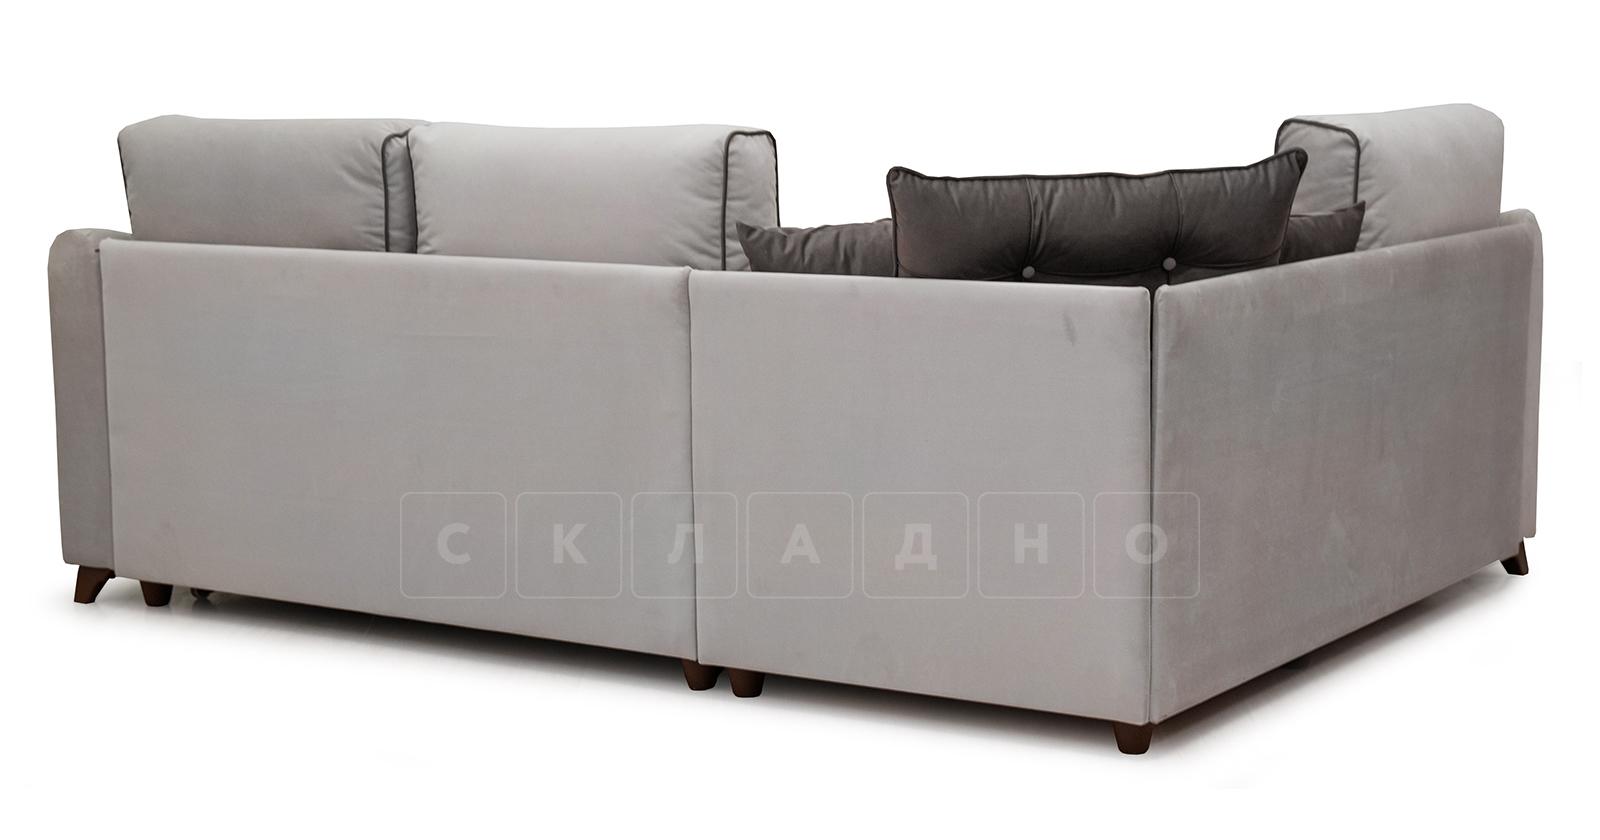 Диван-кровать угловой Флэтфорд серо-бежевый фото 4 | интернет-магазин Складно